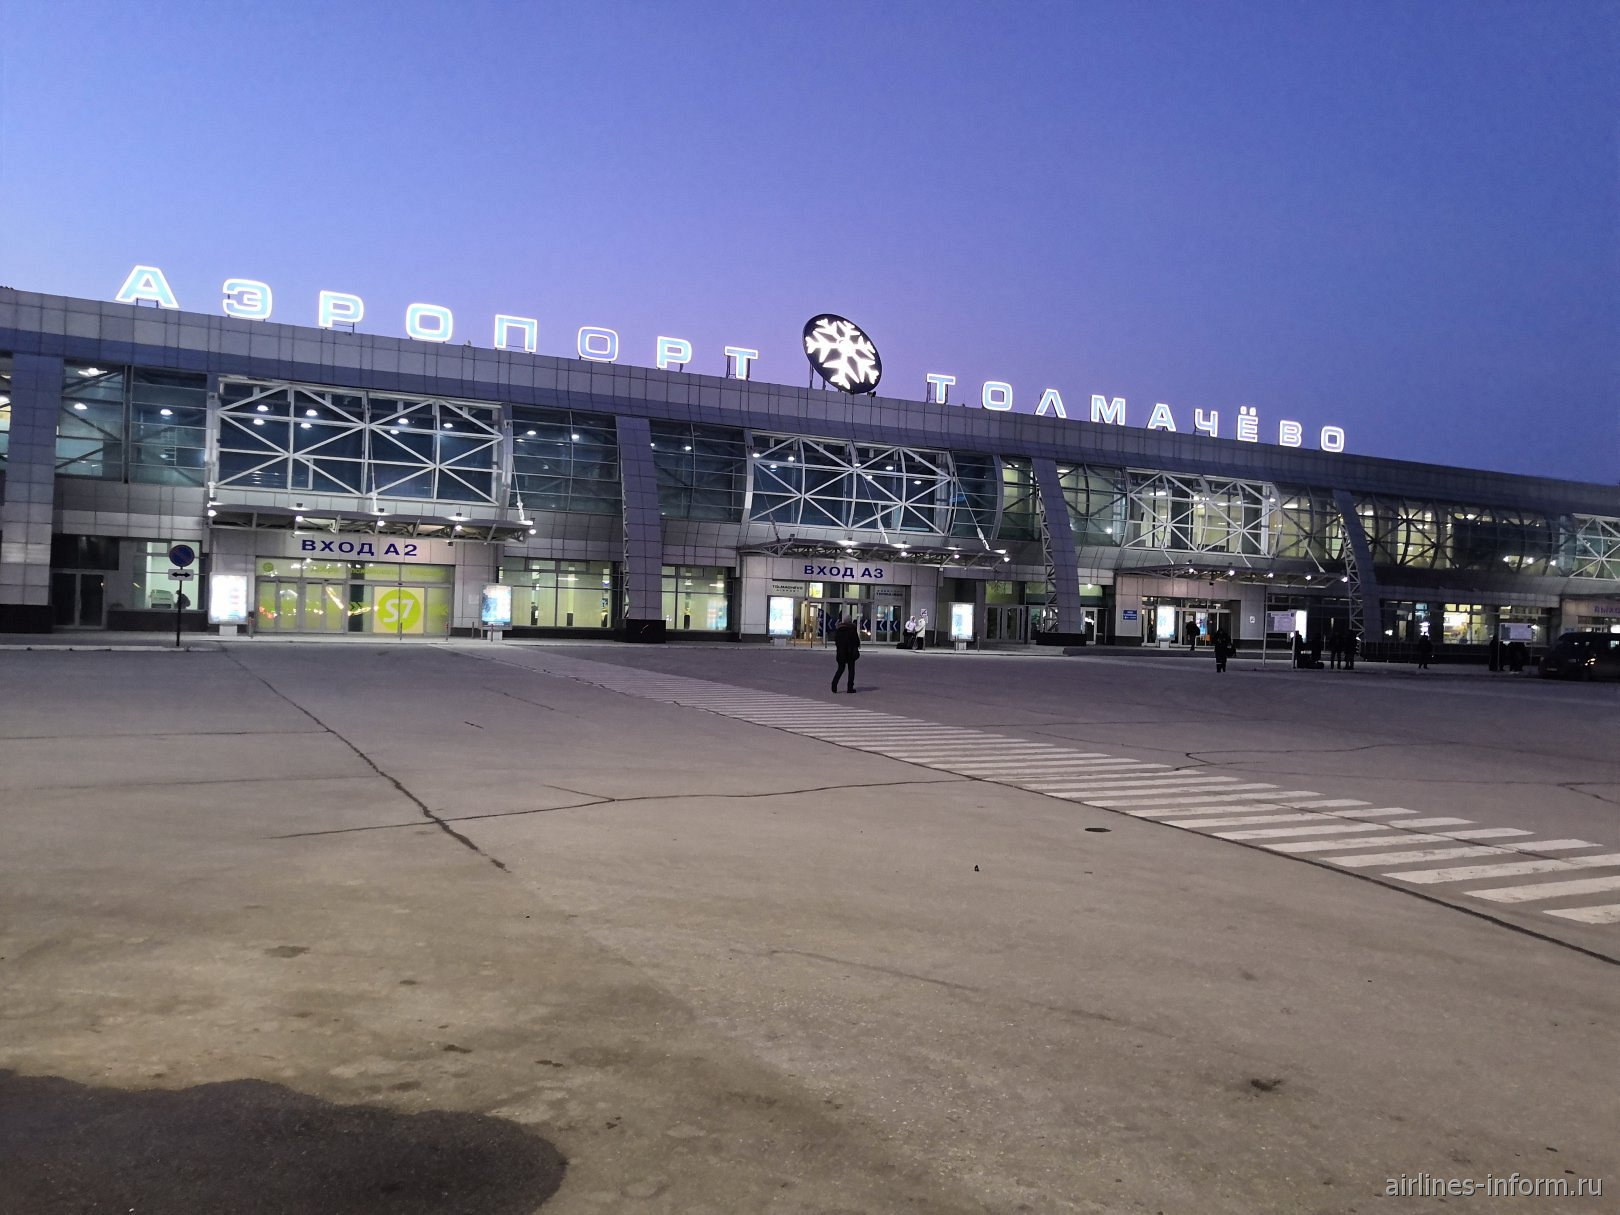 Сектор А (терминал А) внутренних рейсов аэропорта Новосибирск Толмачёво